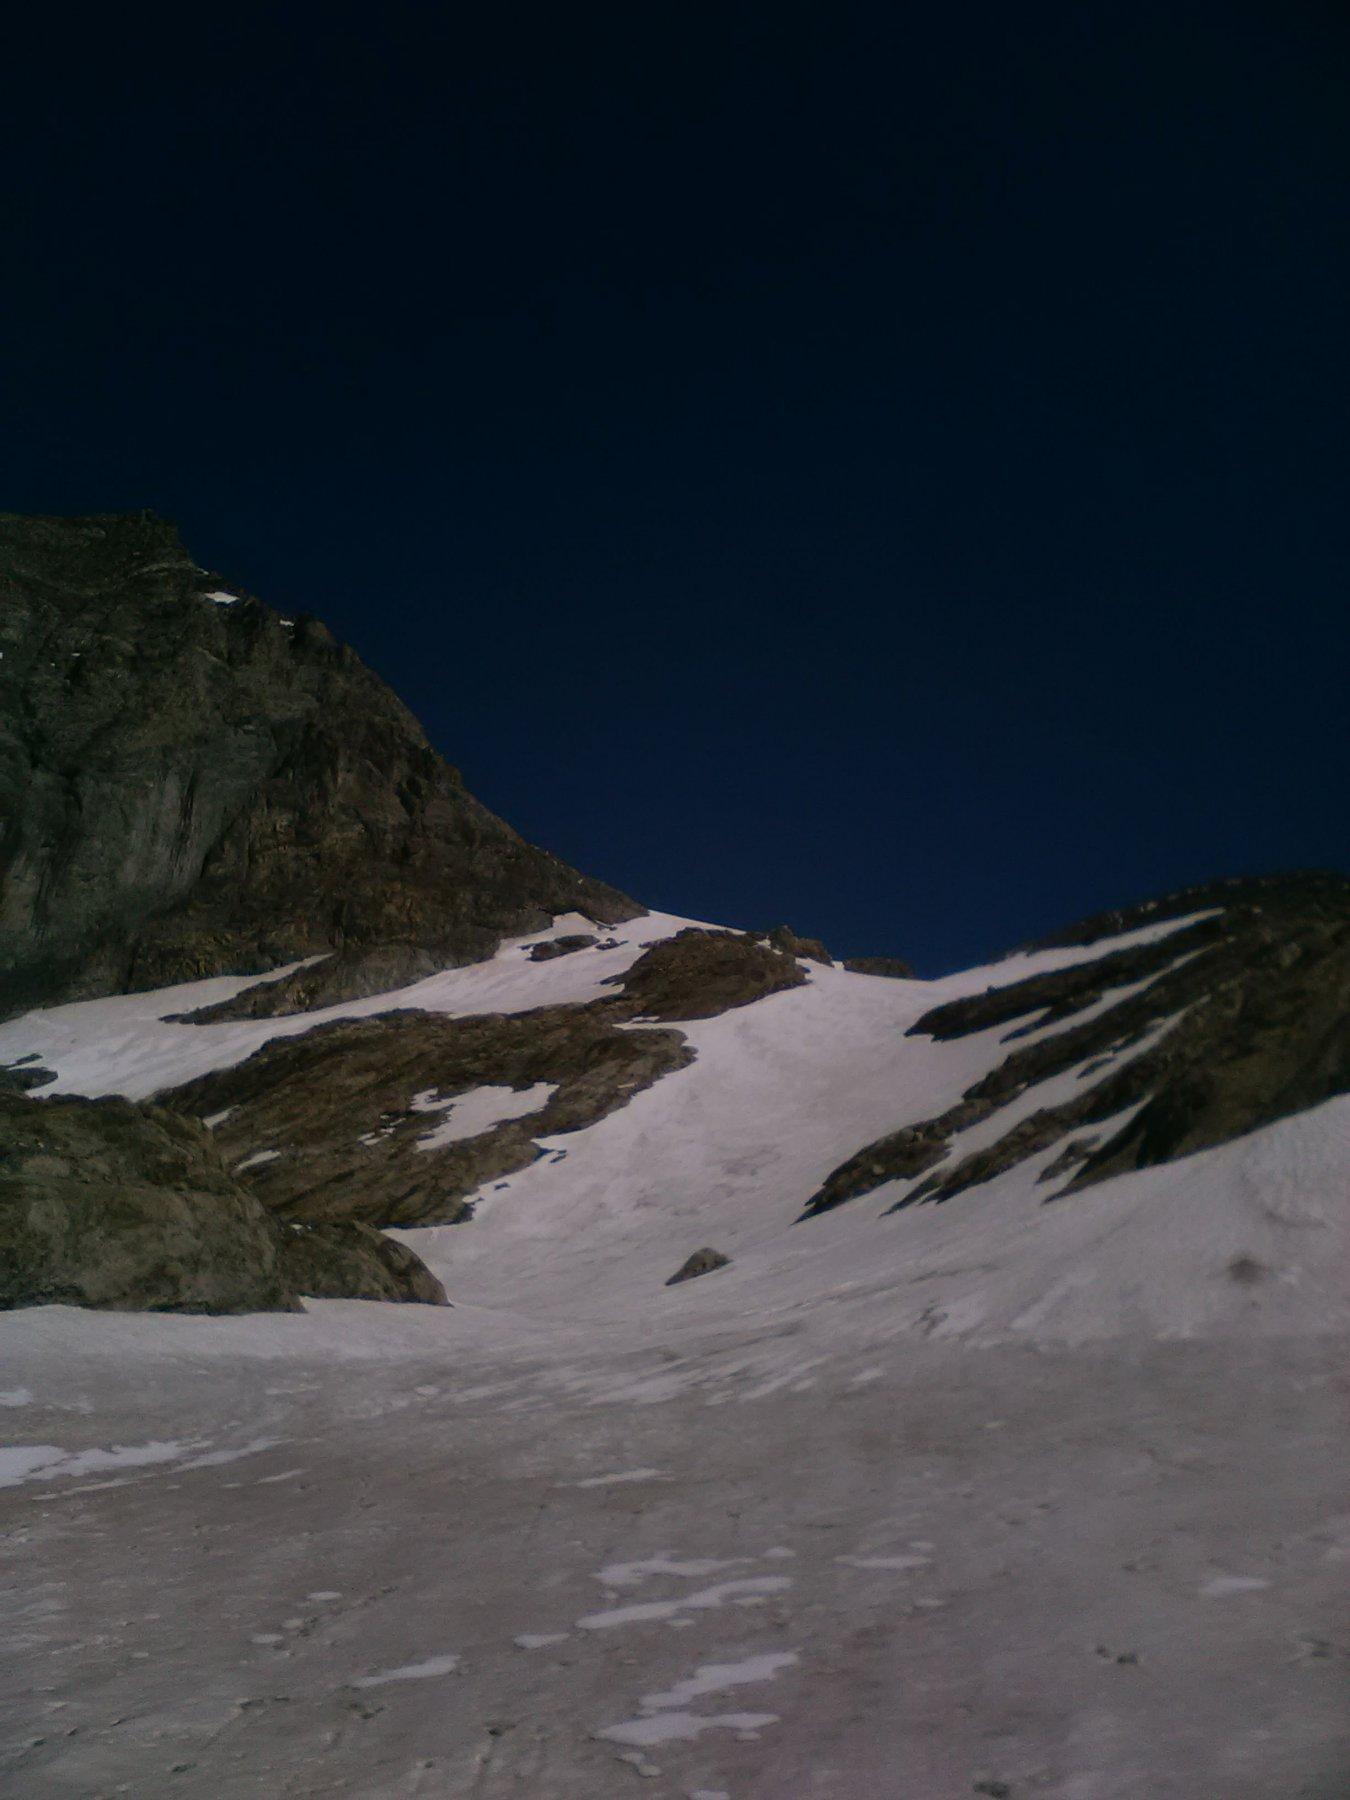 lingua del ghiacciaio in ottime condizioni